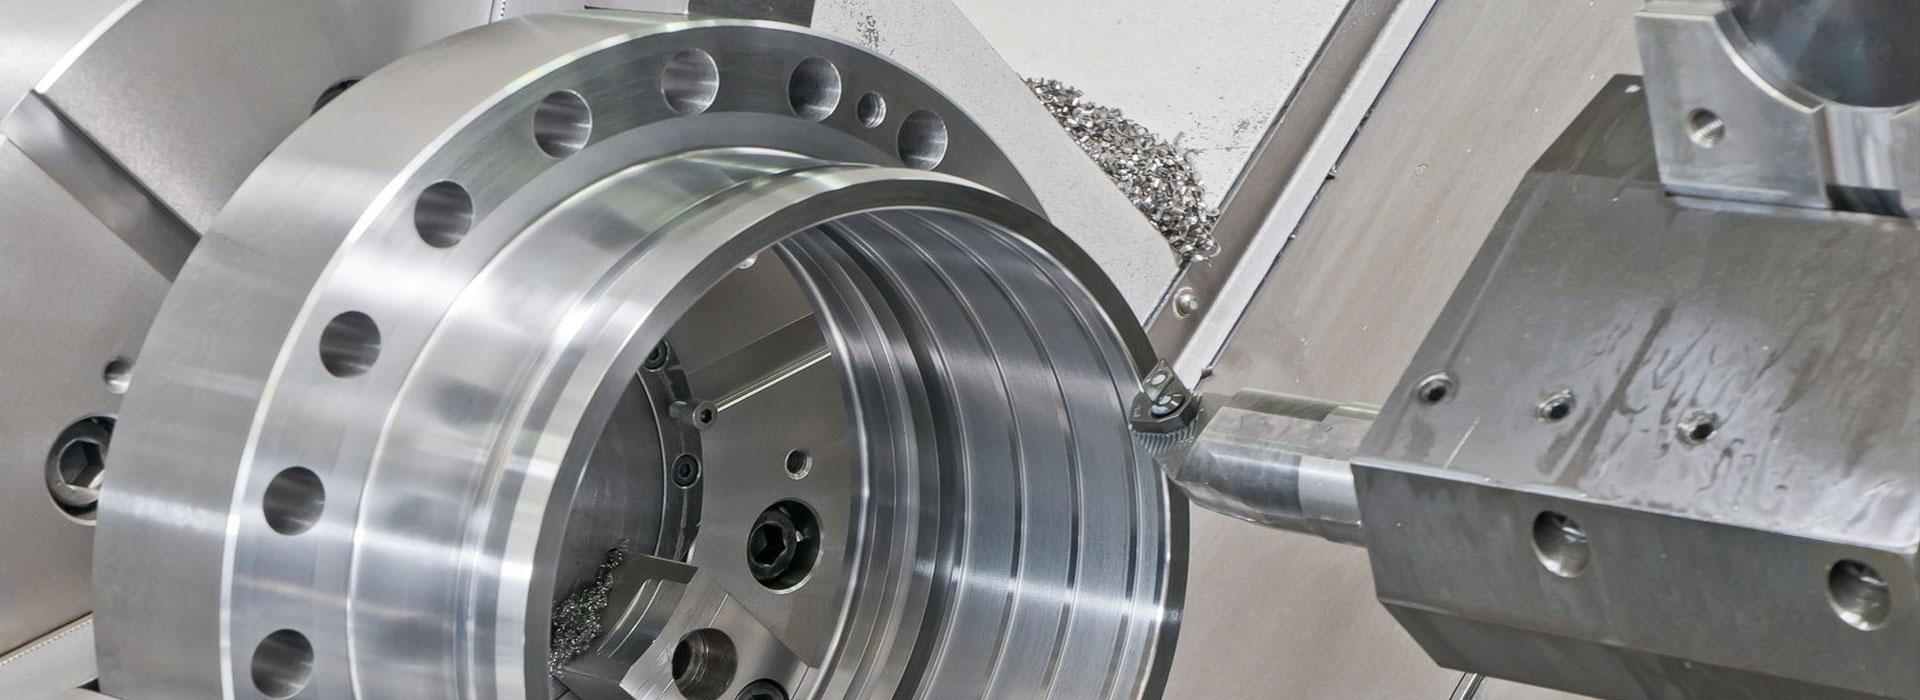 Piccola-media carpenteria metallica